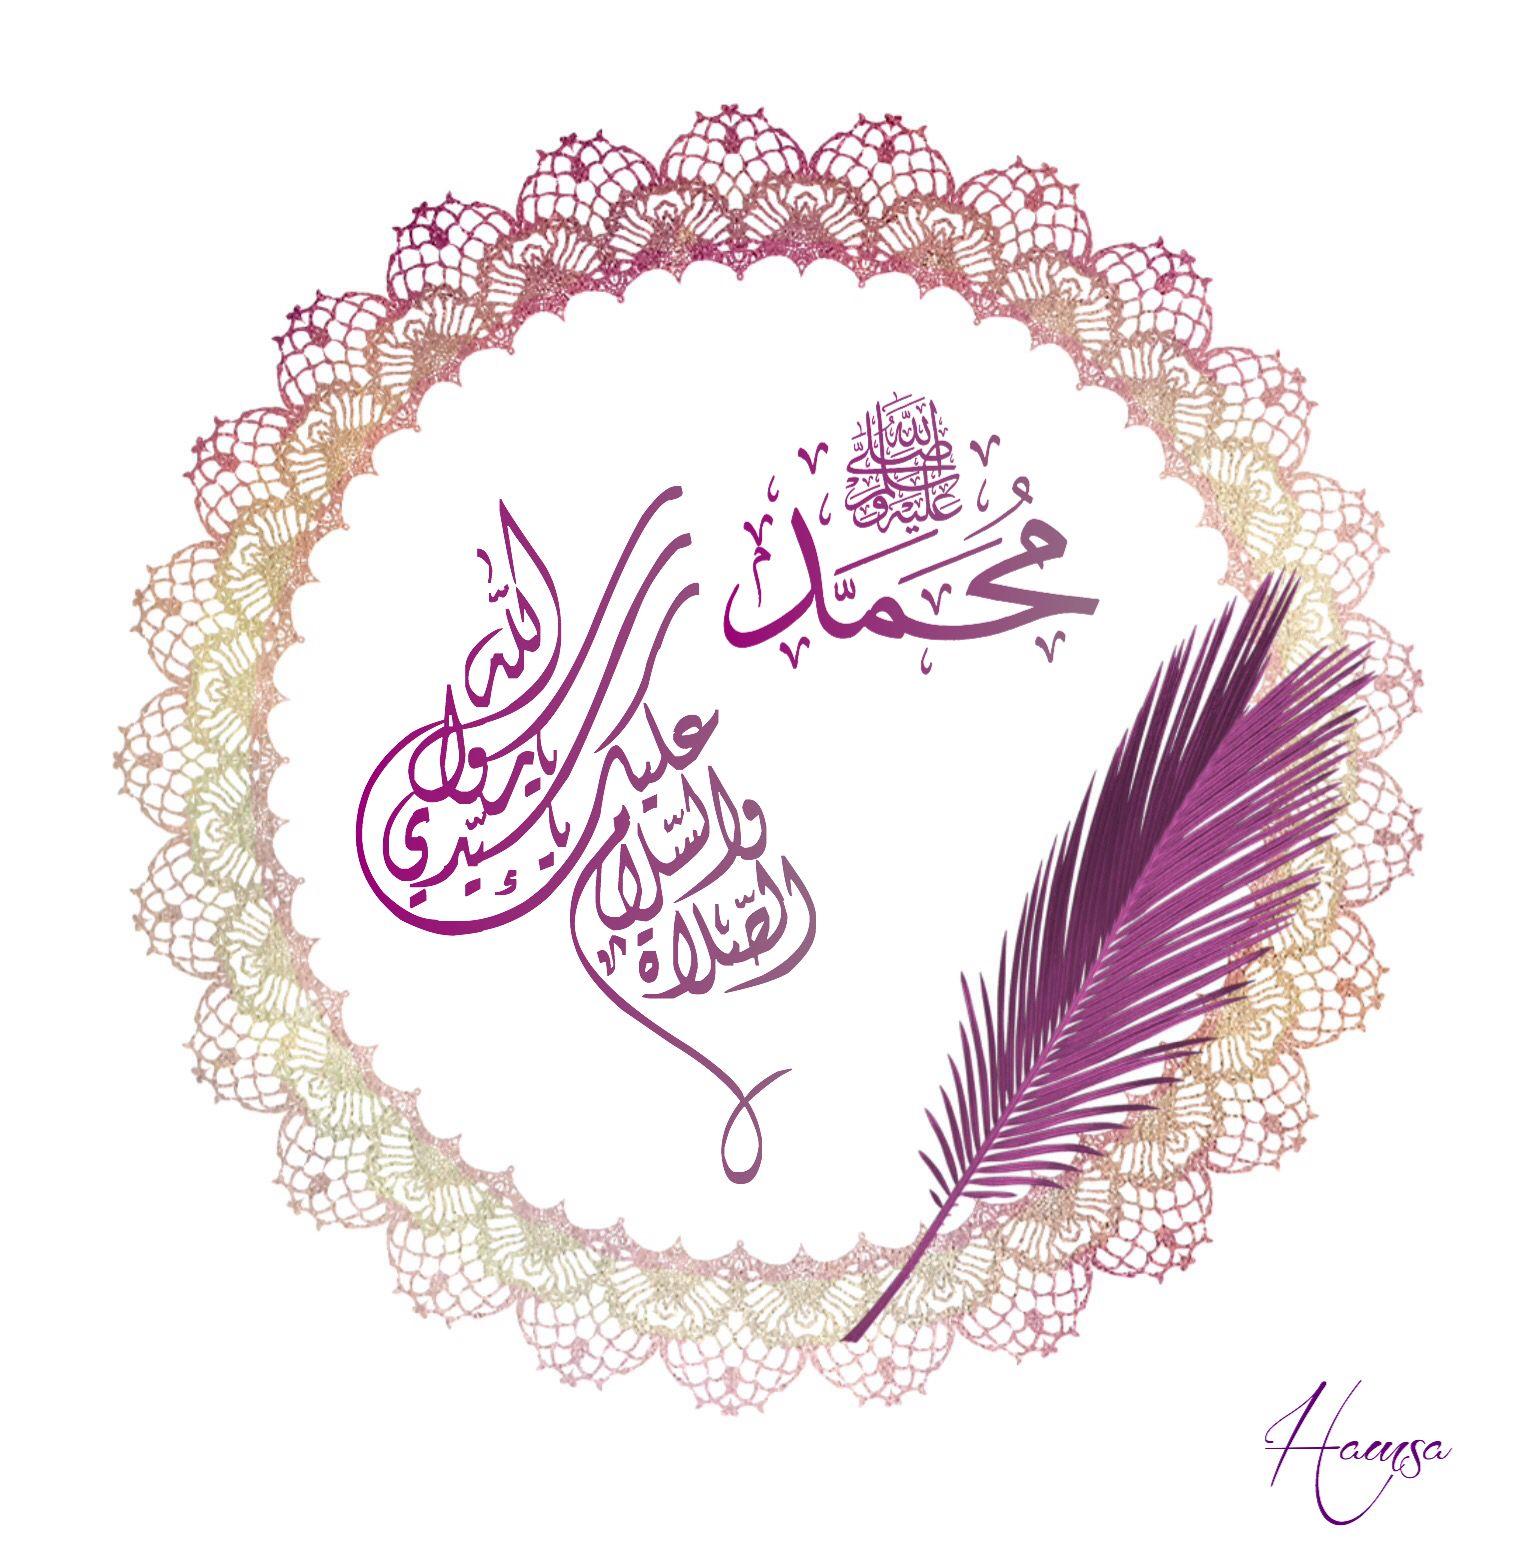 اللهم صل على محمد وعلى ال محمد كما صليت على ابراهيم وعلى ال ابراهيم في العالمين انك حميد مجيد